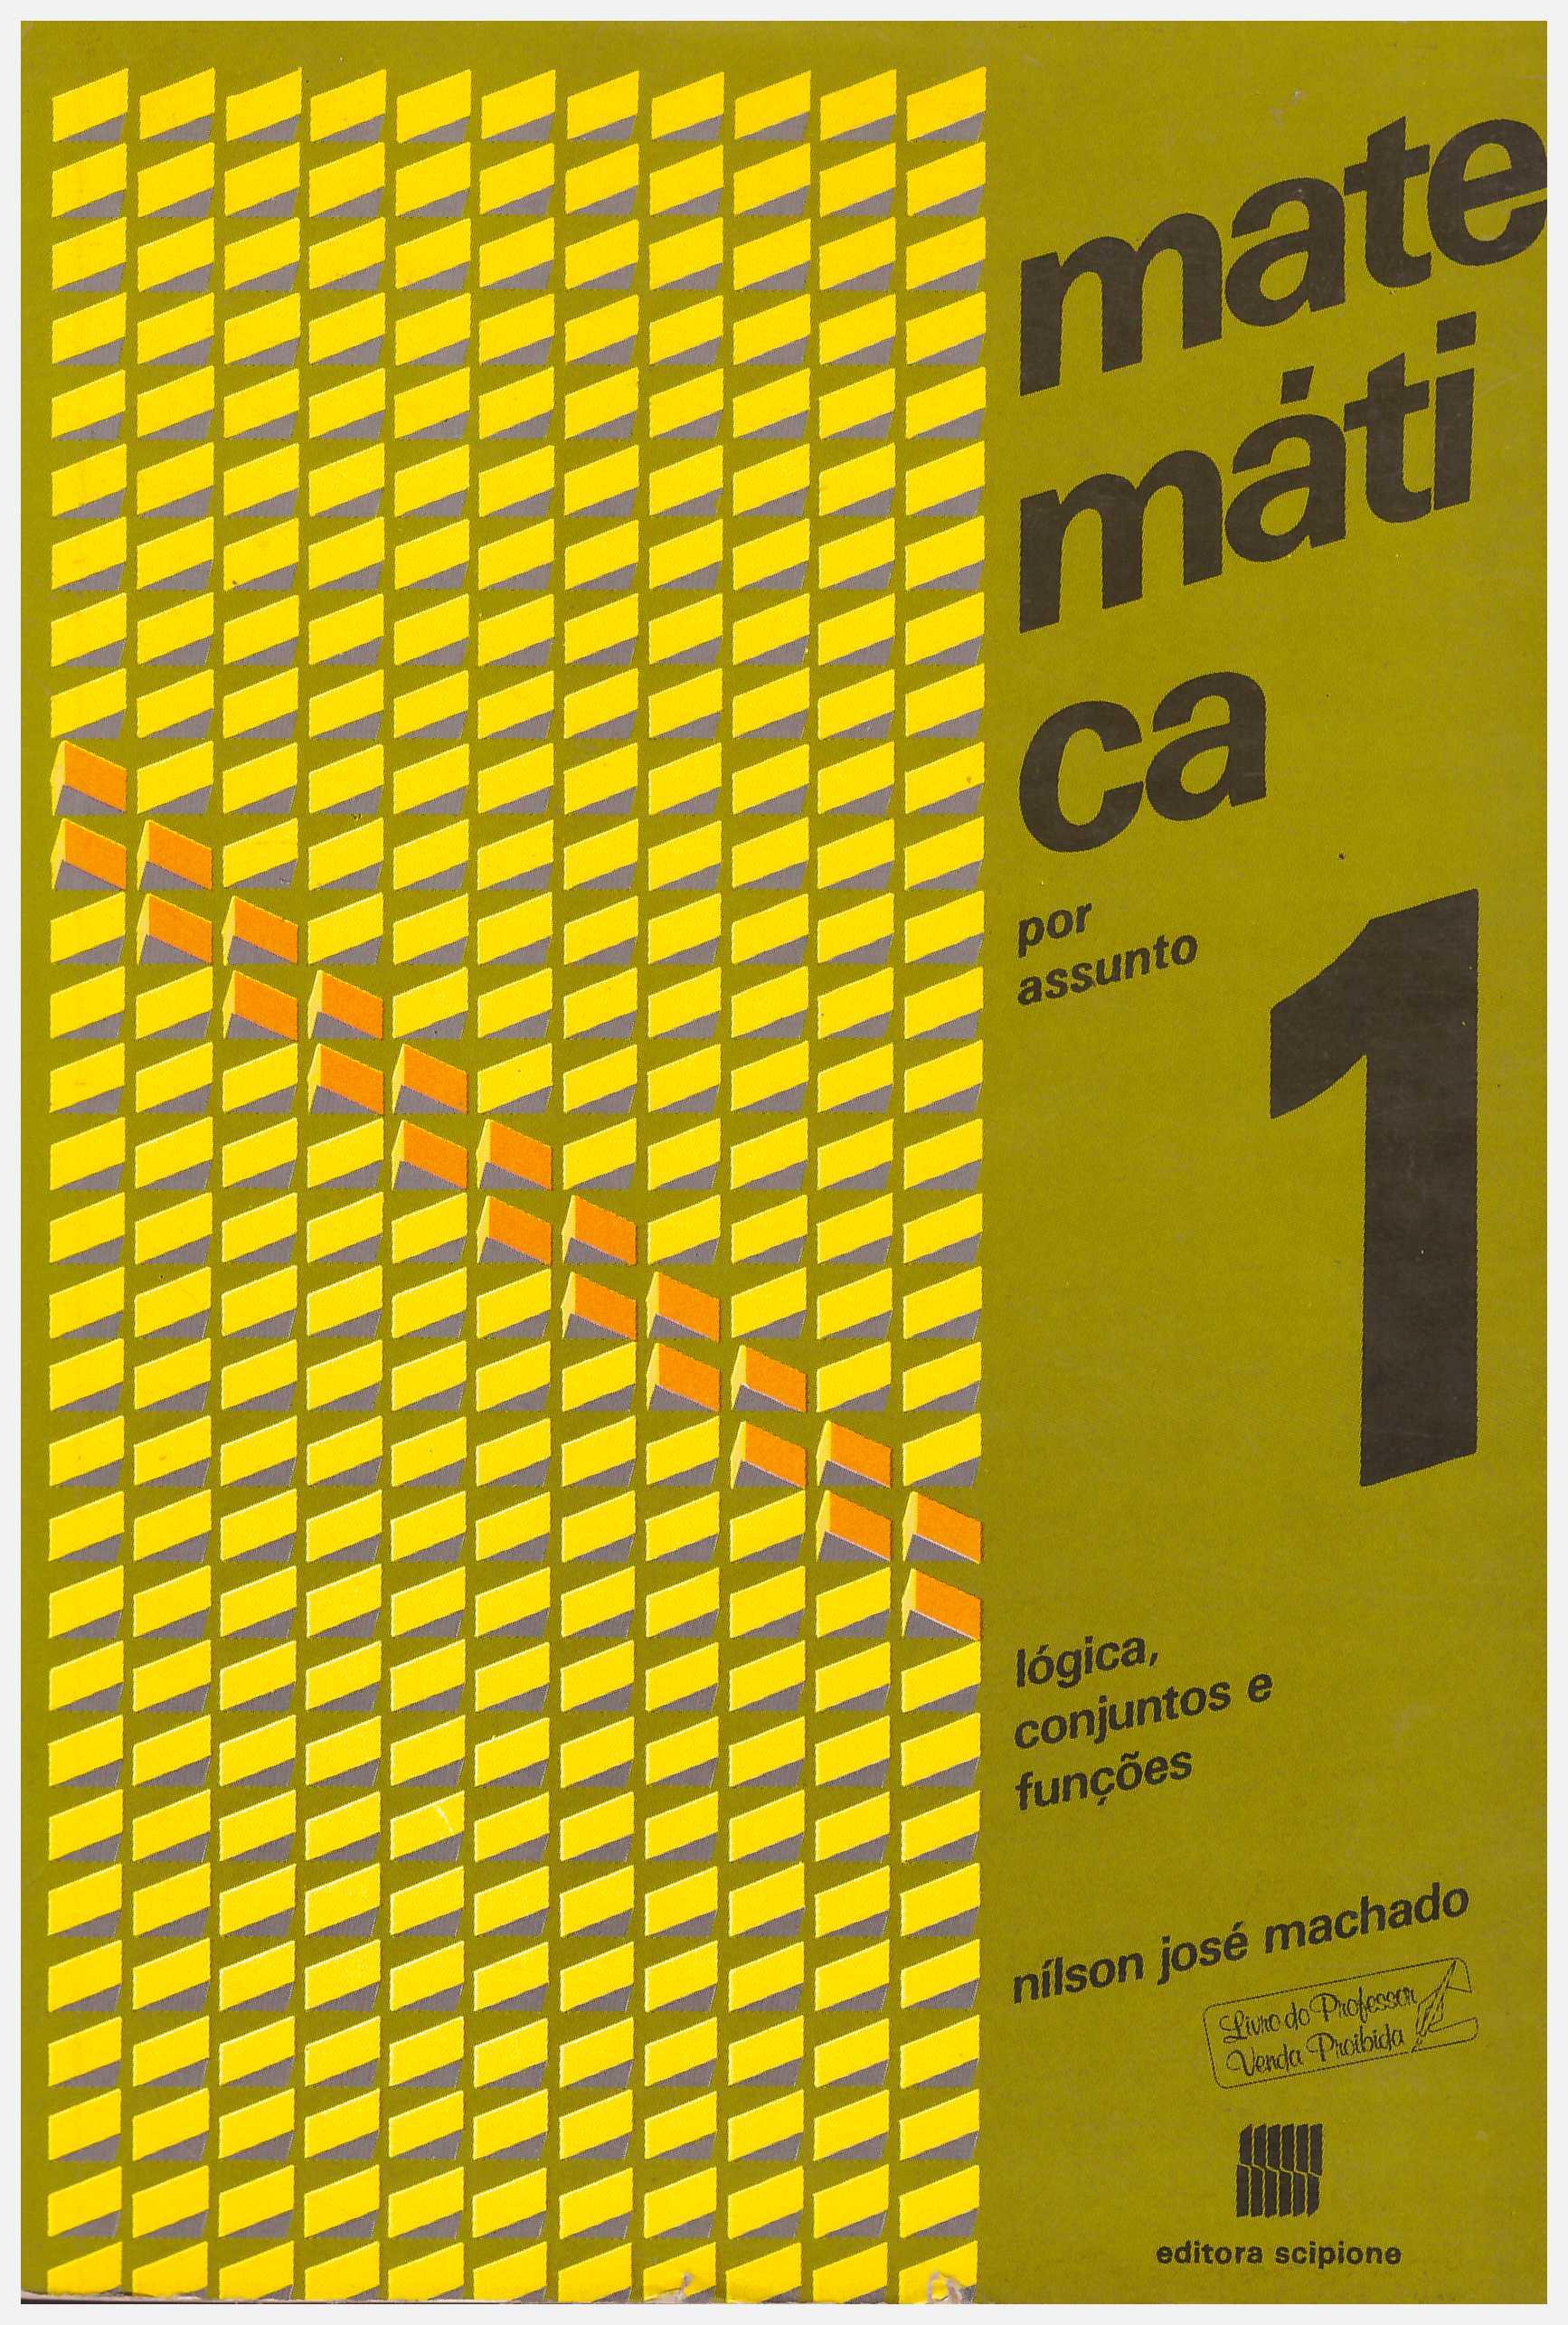 matematica-por-assunto-1